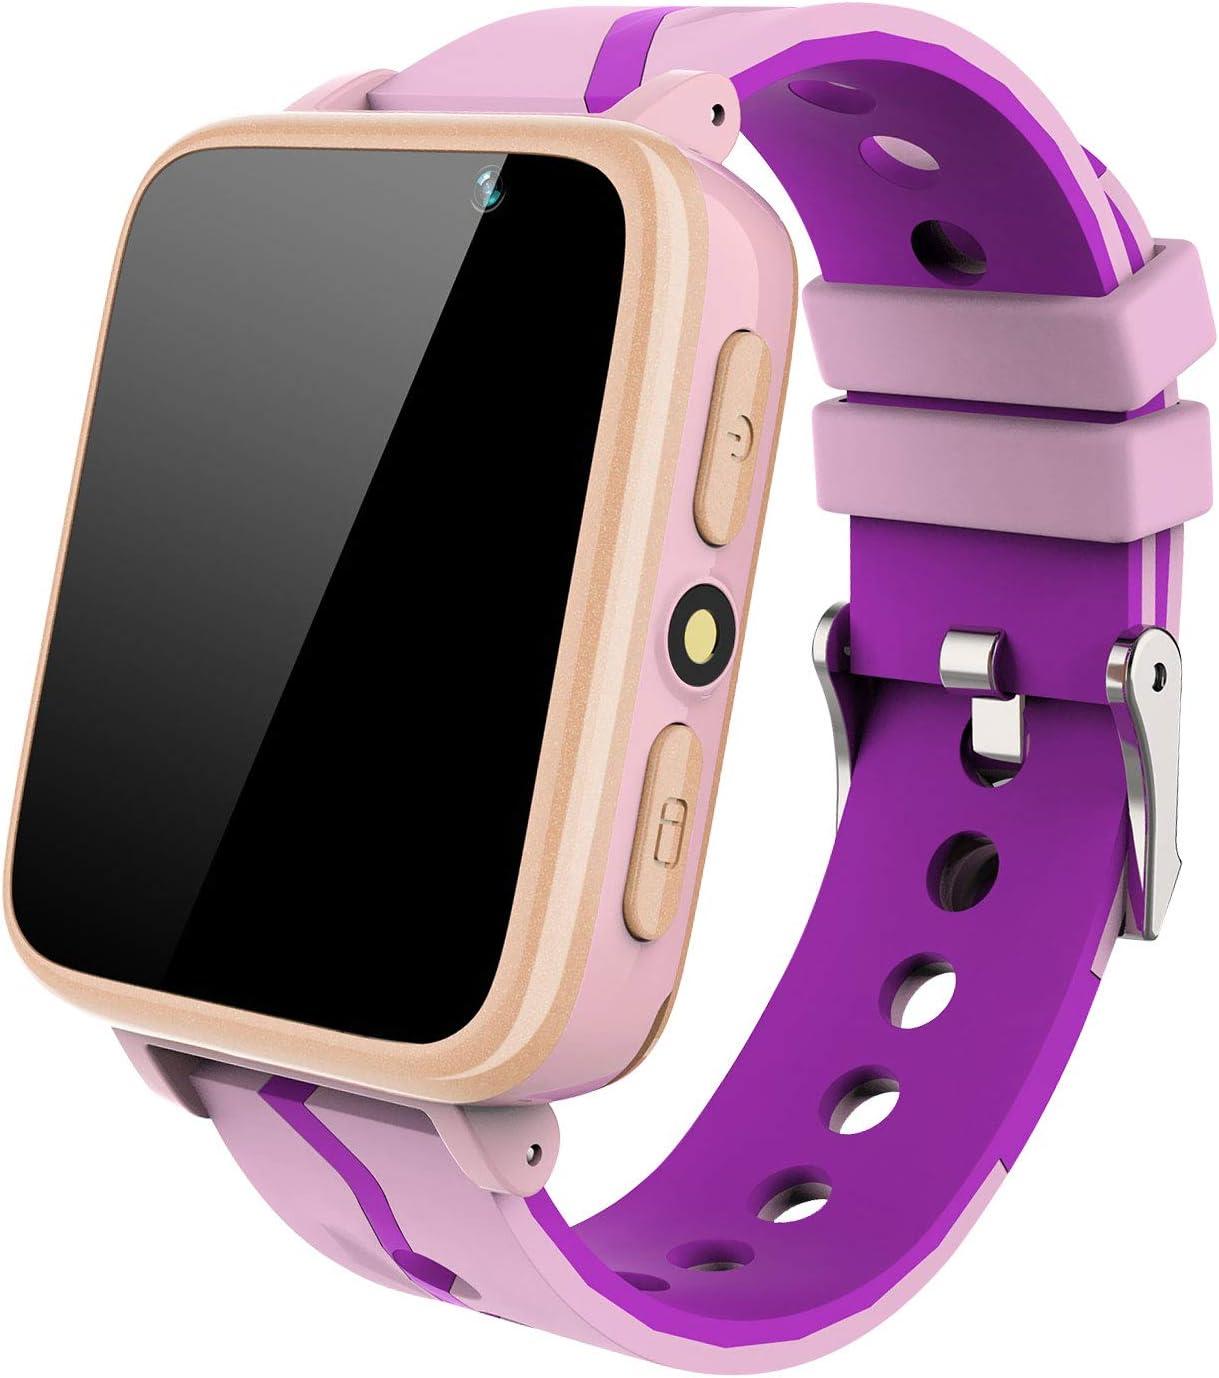 Bambini Smartwatch con Lettore Musicale - Ragazzi Ragazze Smart Watch Telefono [1GB...